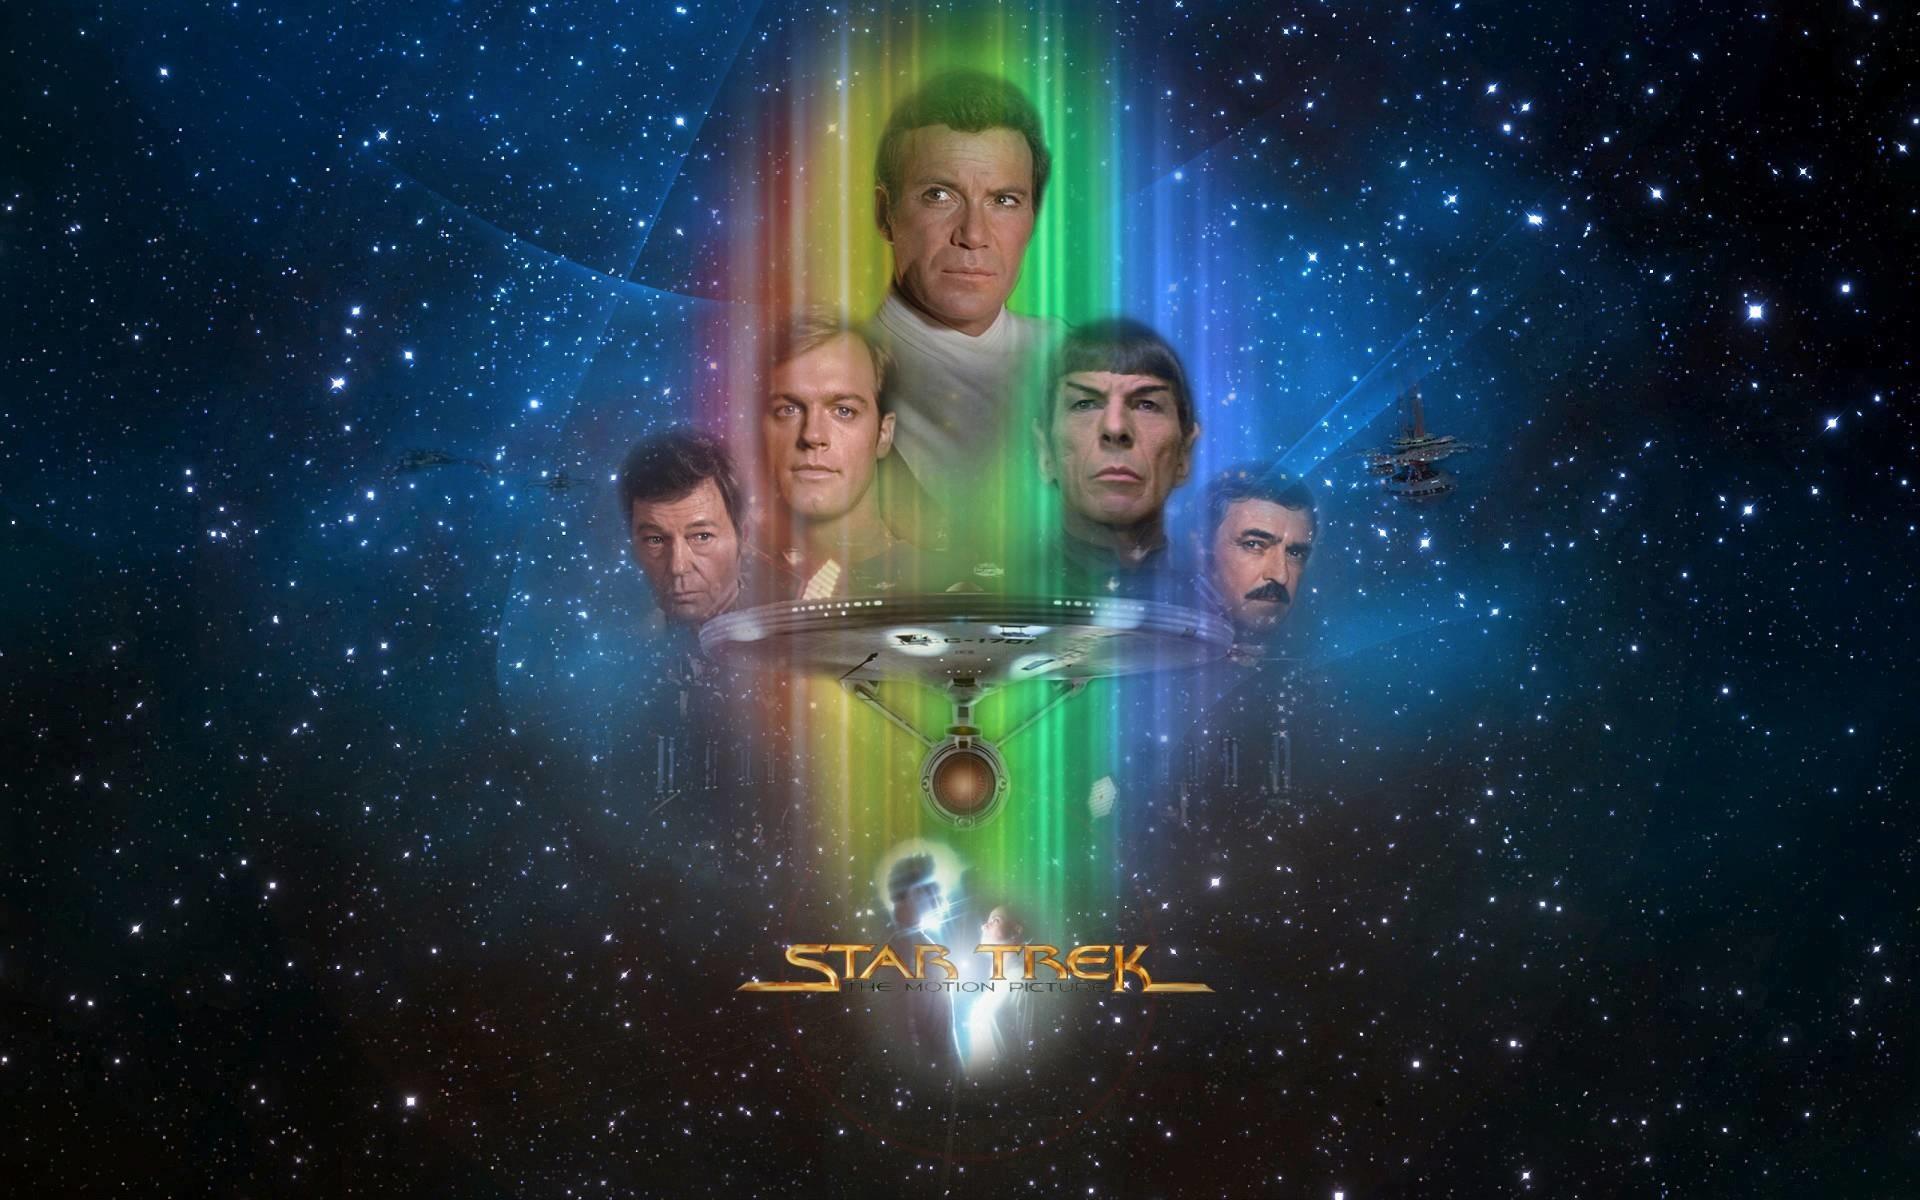 Star Trek Wallpaper Dump